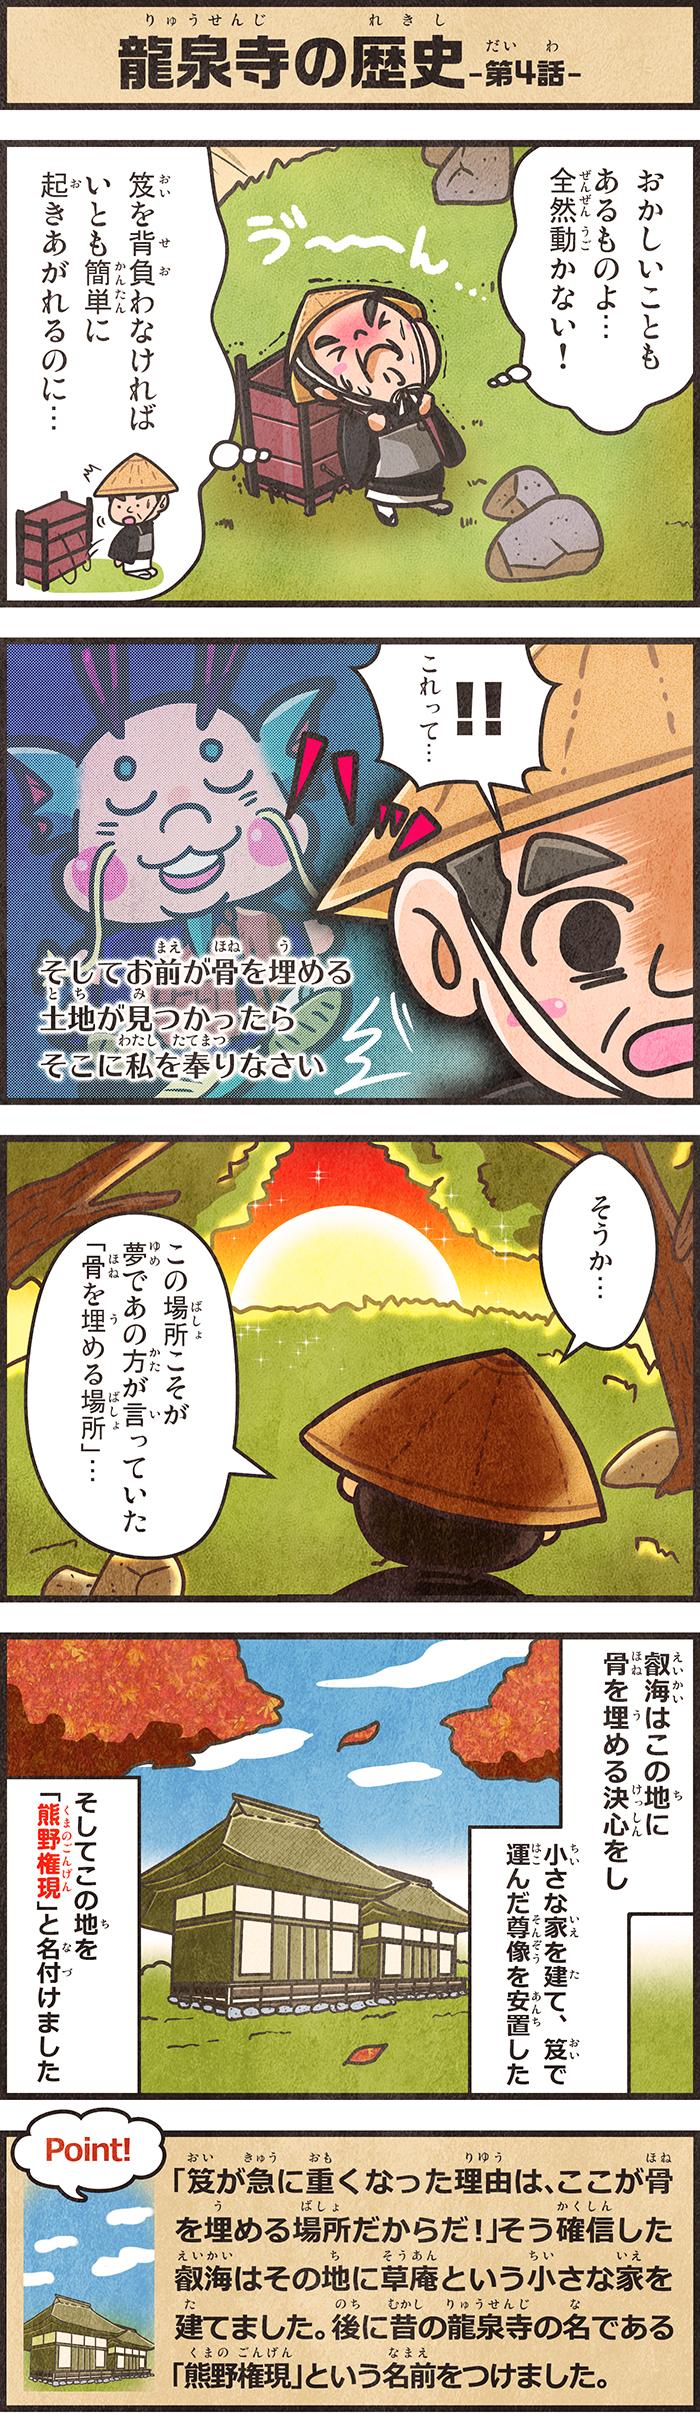 181017_kotatsu_4koma_34